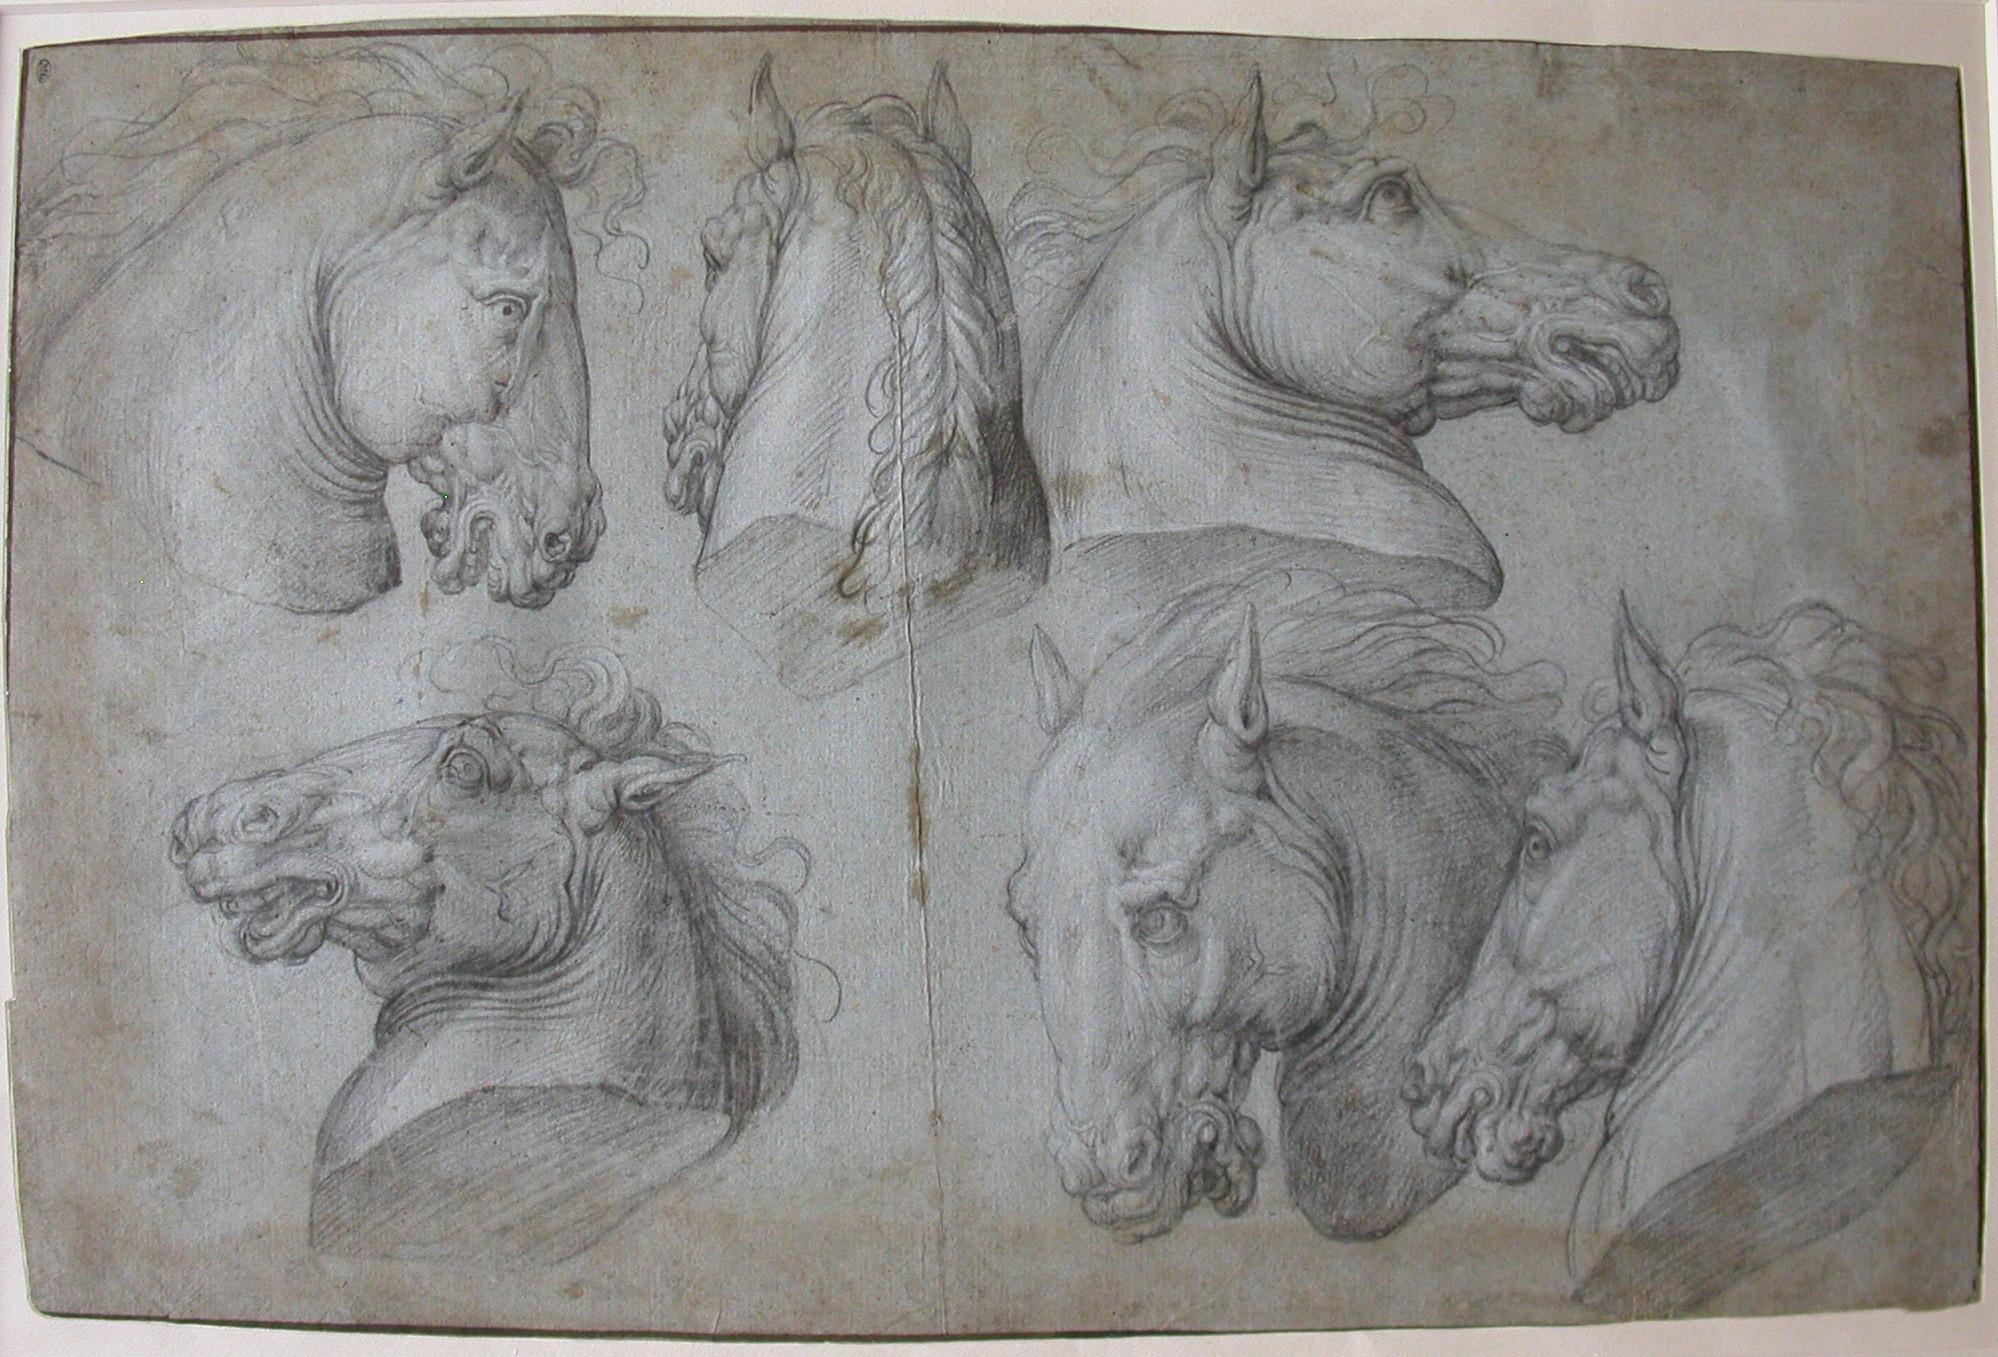 Giorgio Vasari, Studies of horses heads, Sixteenth century, Parigi, Musée du Louvre